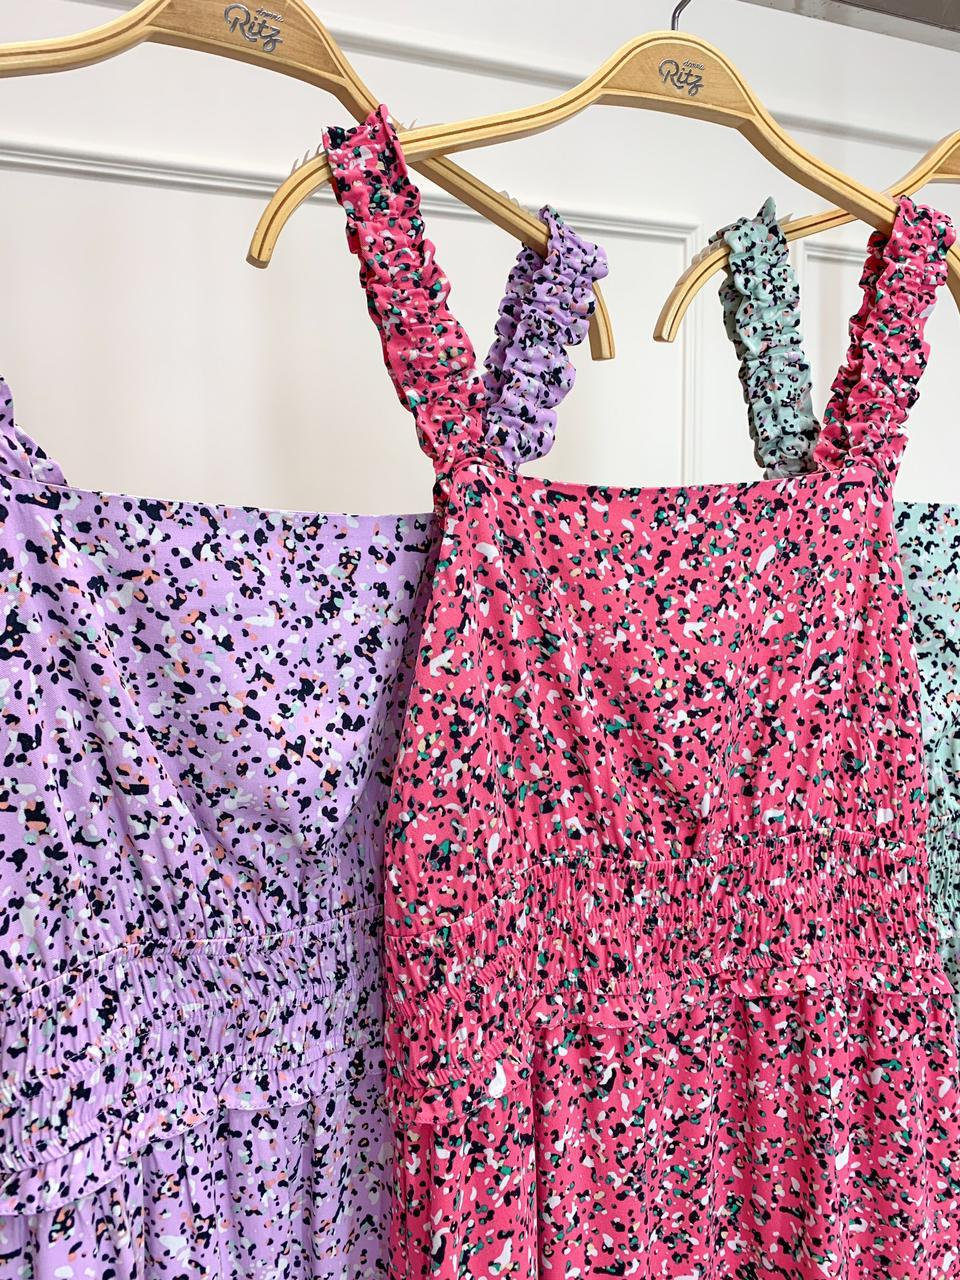 Vestido Cristina Viscose Print (Forro) Decote Quadrado Elástico Cintura Detalhe Babadinhos Fenda Lateral